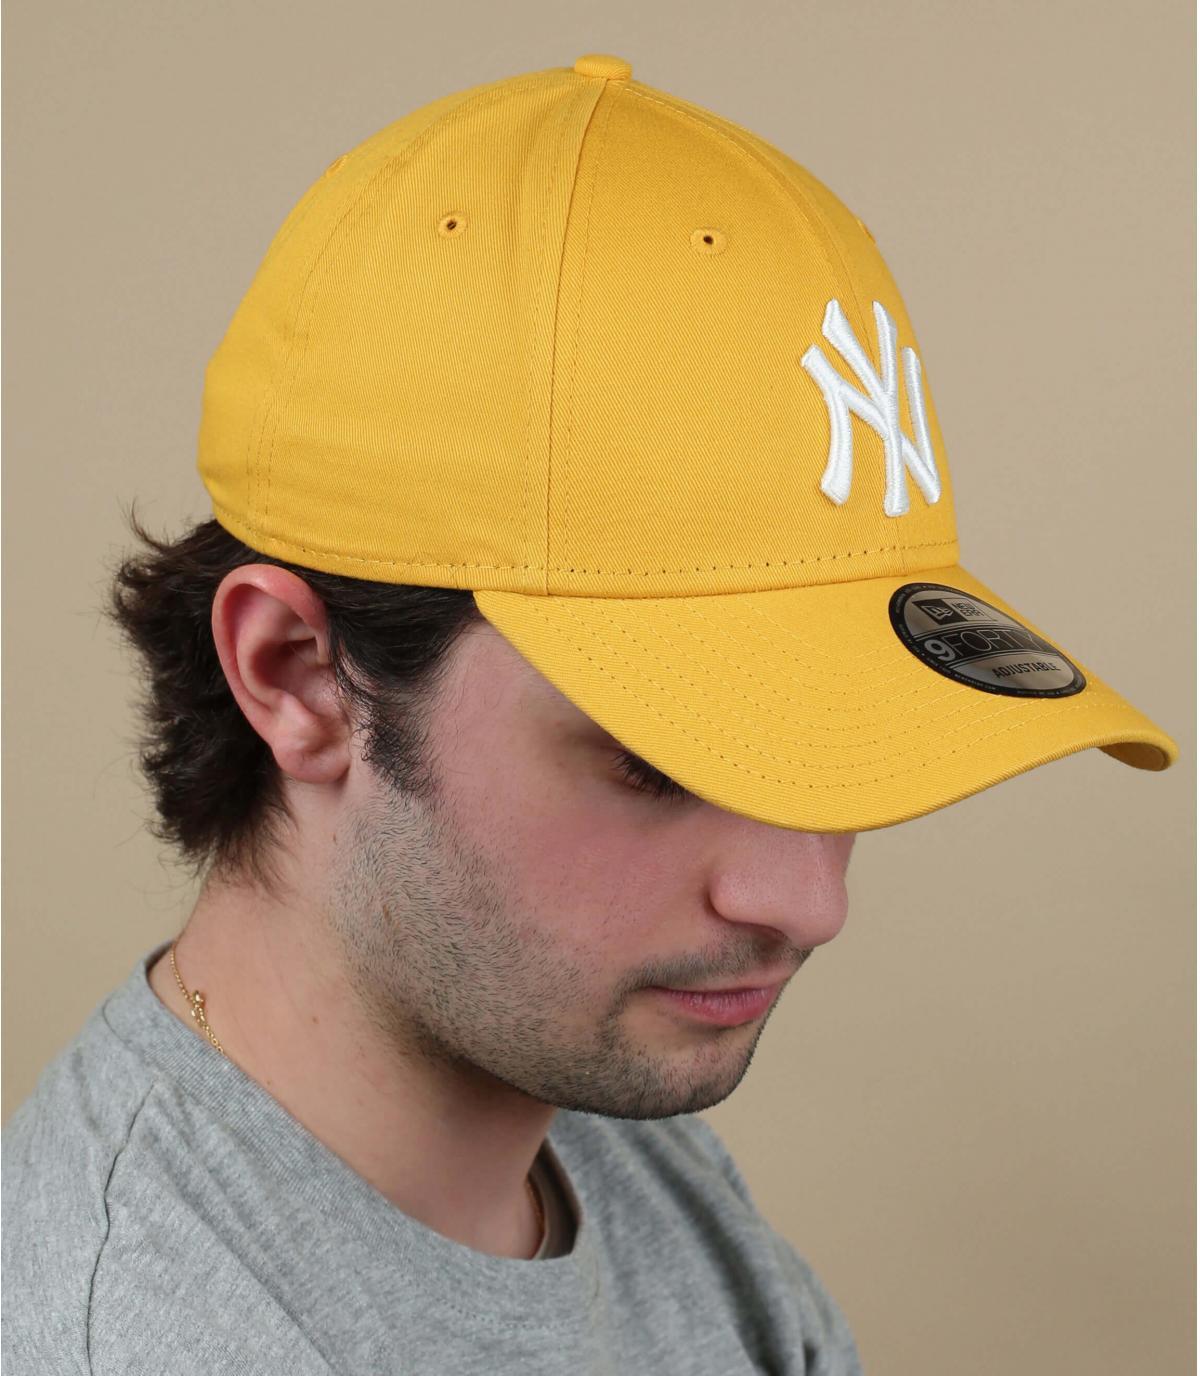 Cappellino NY bianco giallo